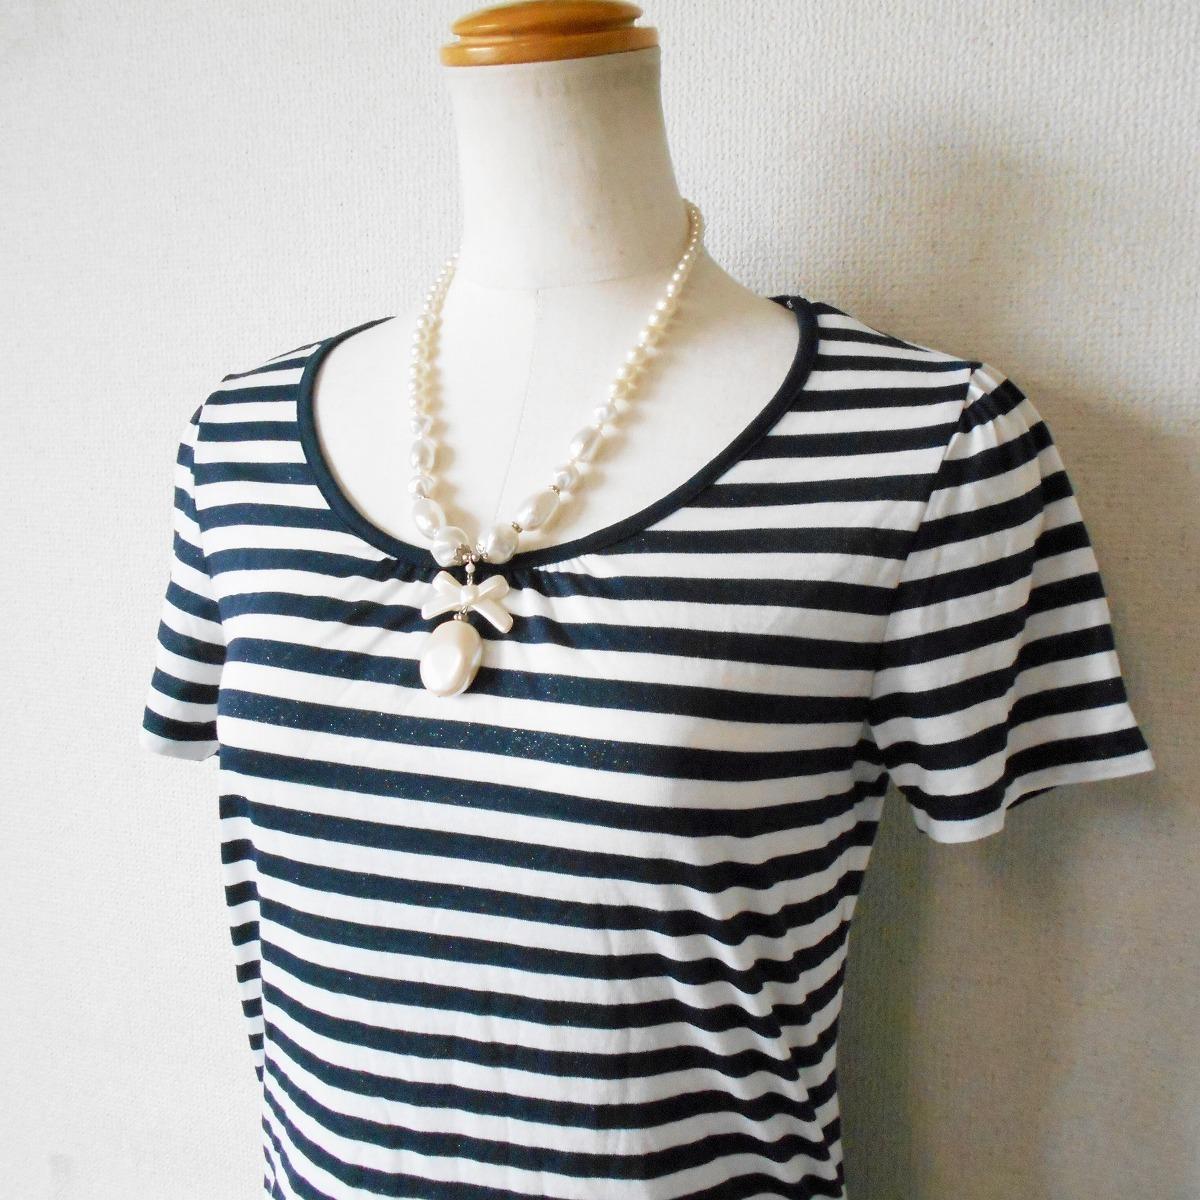 組曲 KUMIKYOKU オンワード 樫山 ラメ 入り ボーダー / 絞れる リボン 付き 半袖 カットソー Tシャツ 2_画像3